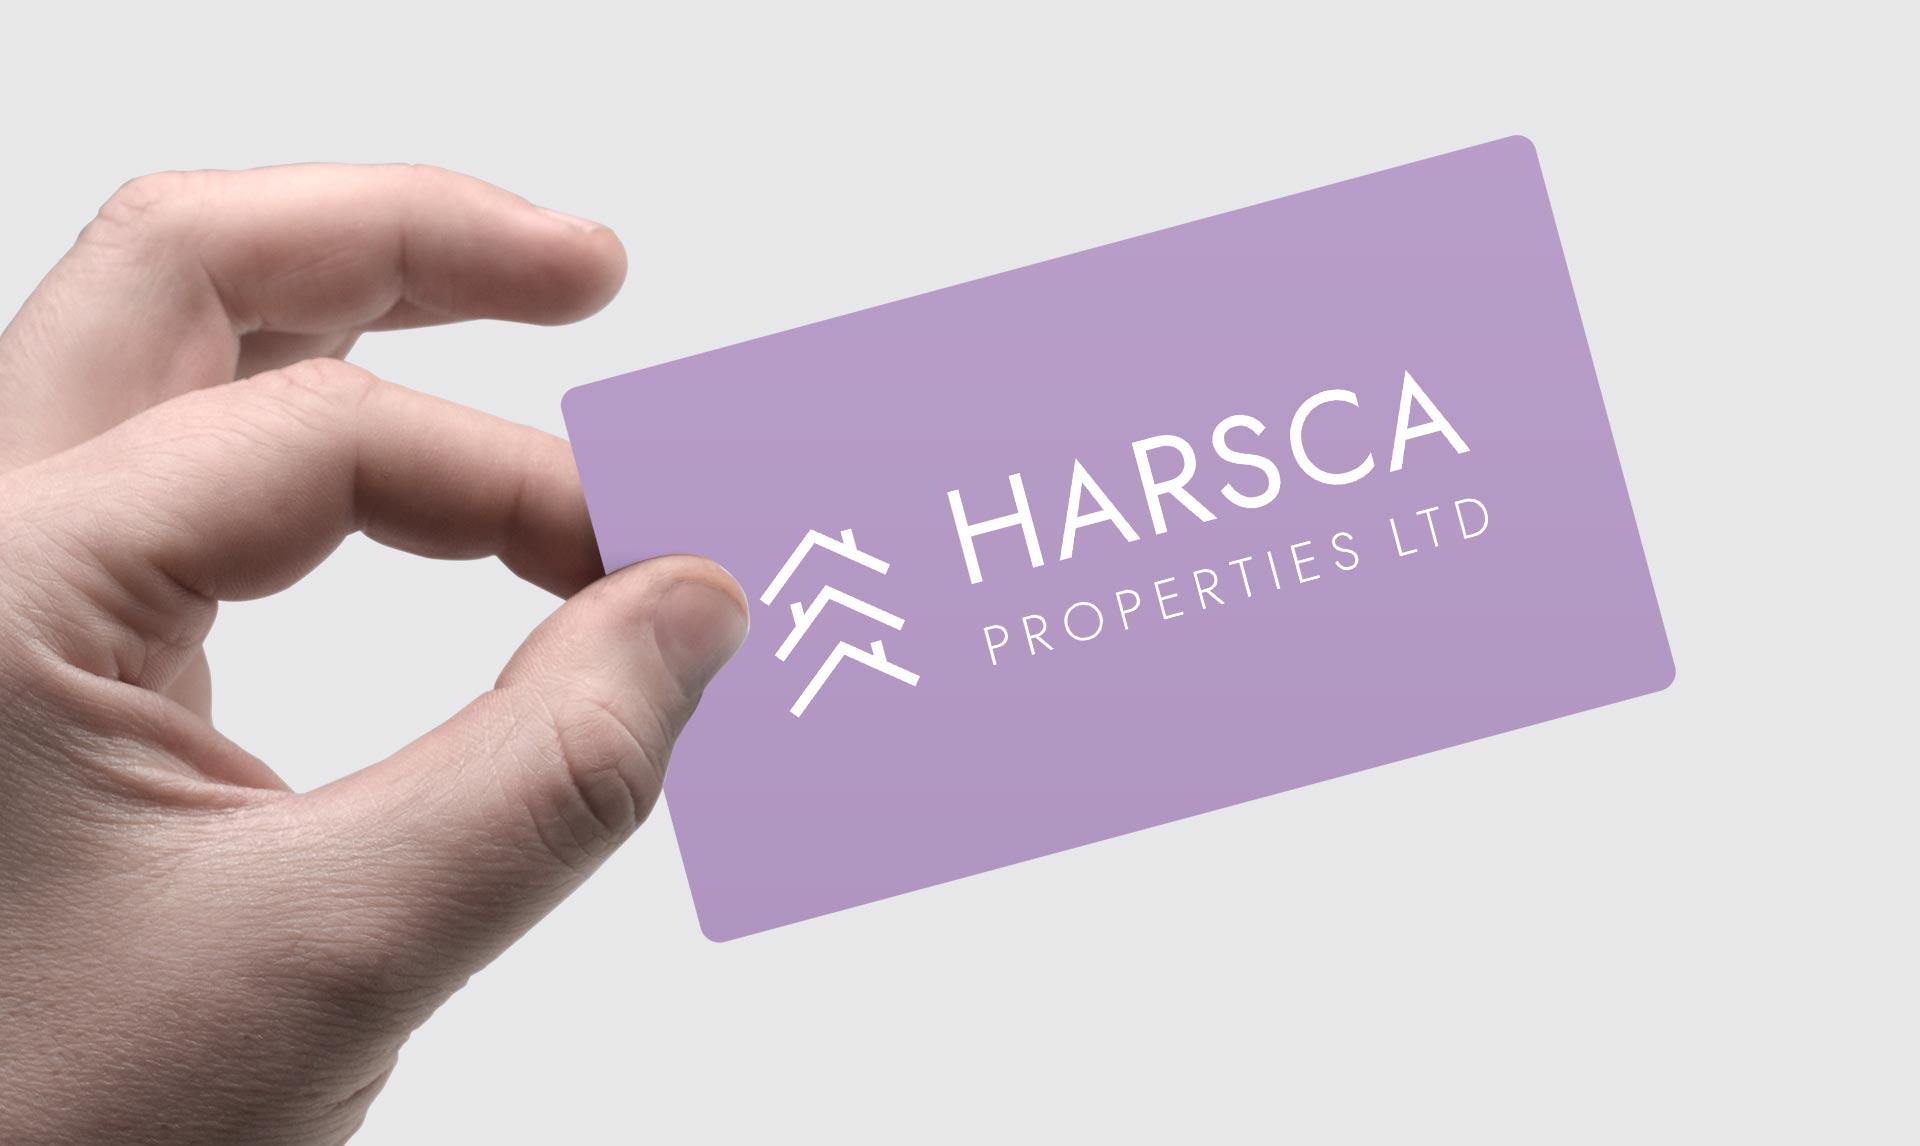 harsca-properties-branding-design